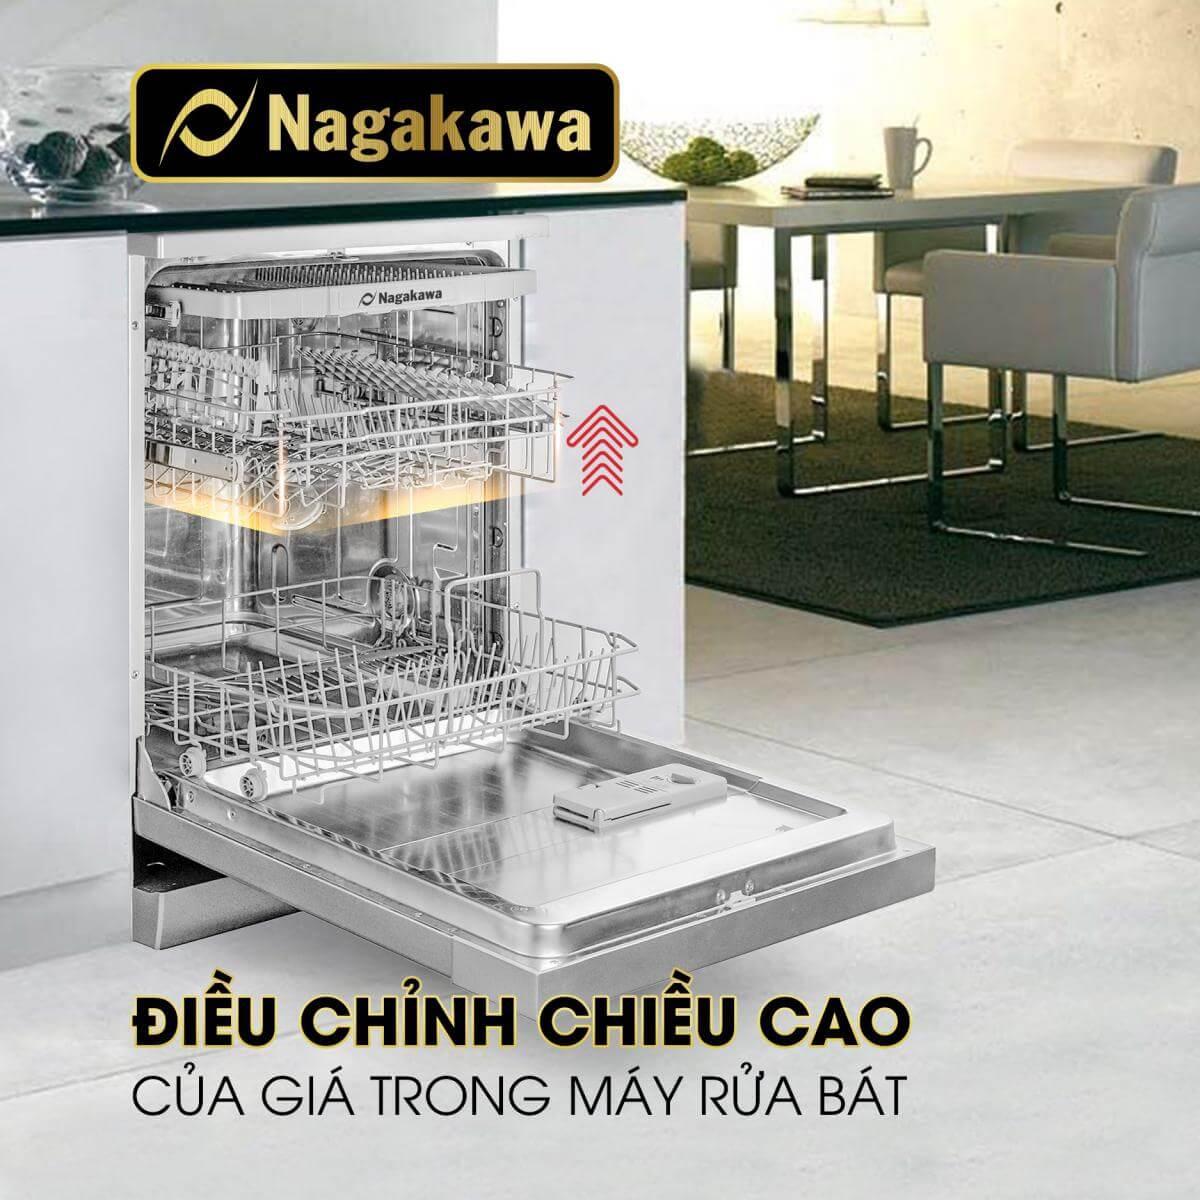 Giá xếp bát đĩa theo tiêu chuẩn người Châu Á